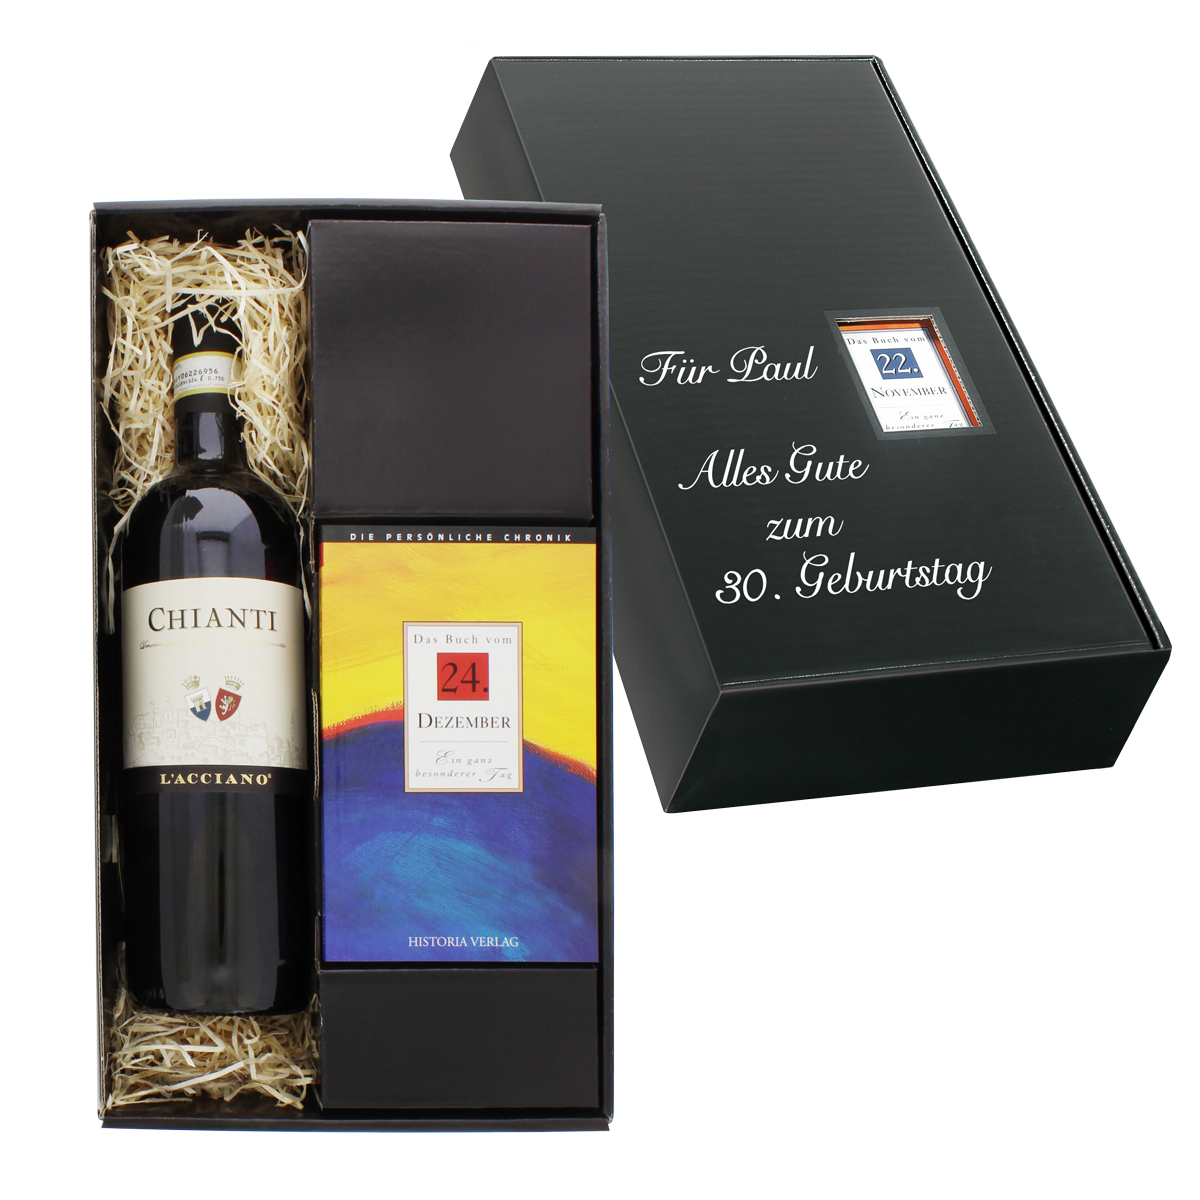 Italien-Set: Tageschronik vom 13. April & Chianti-Wein